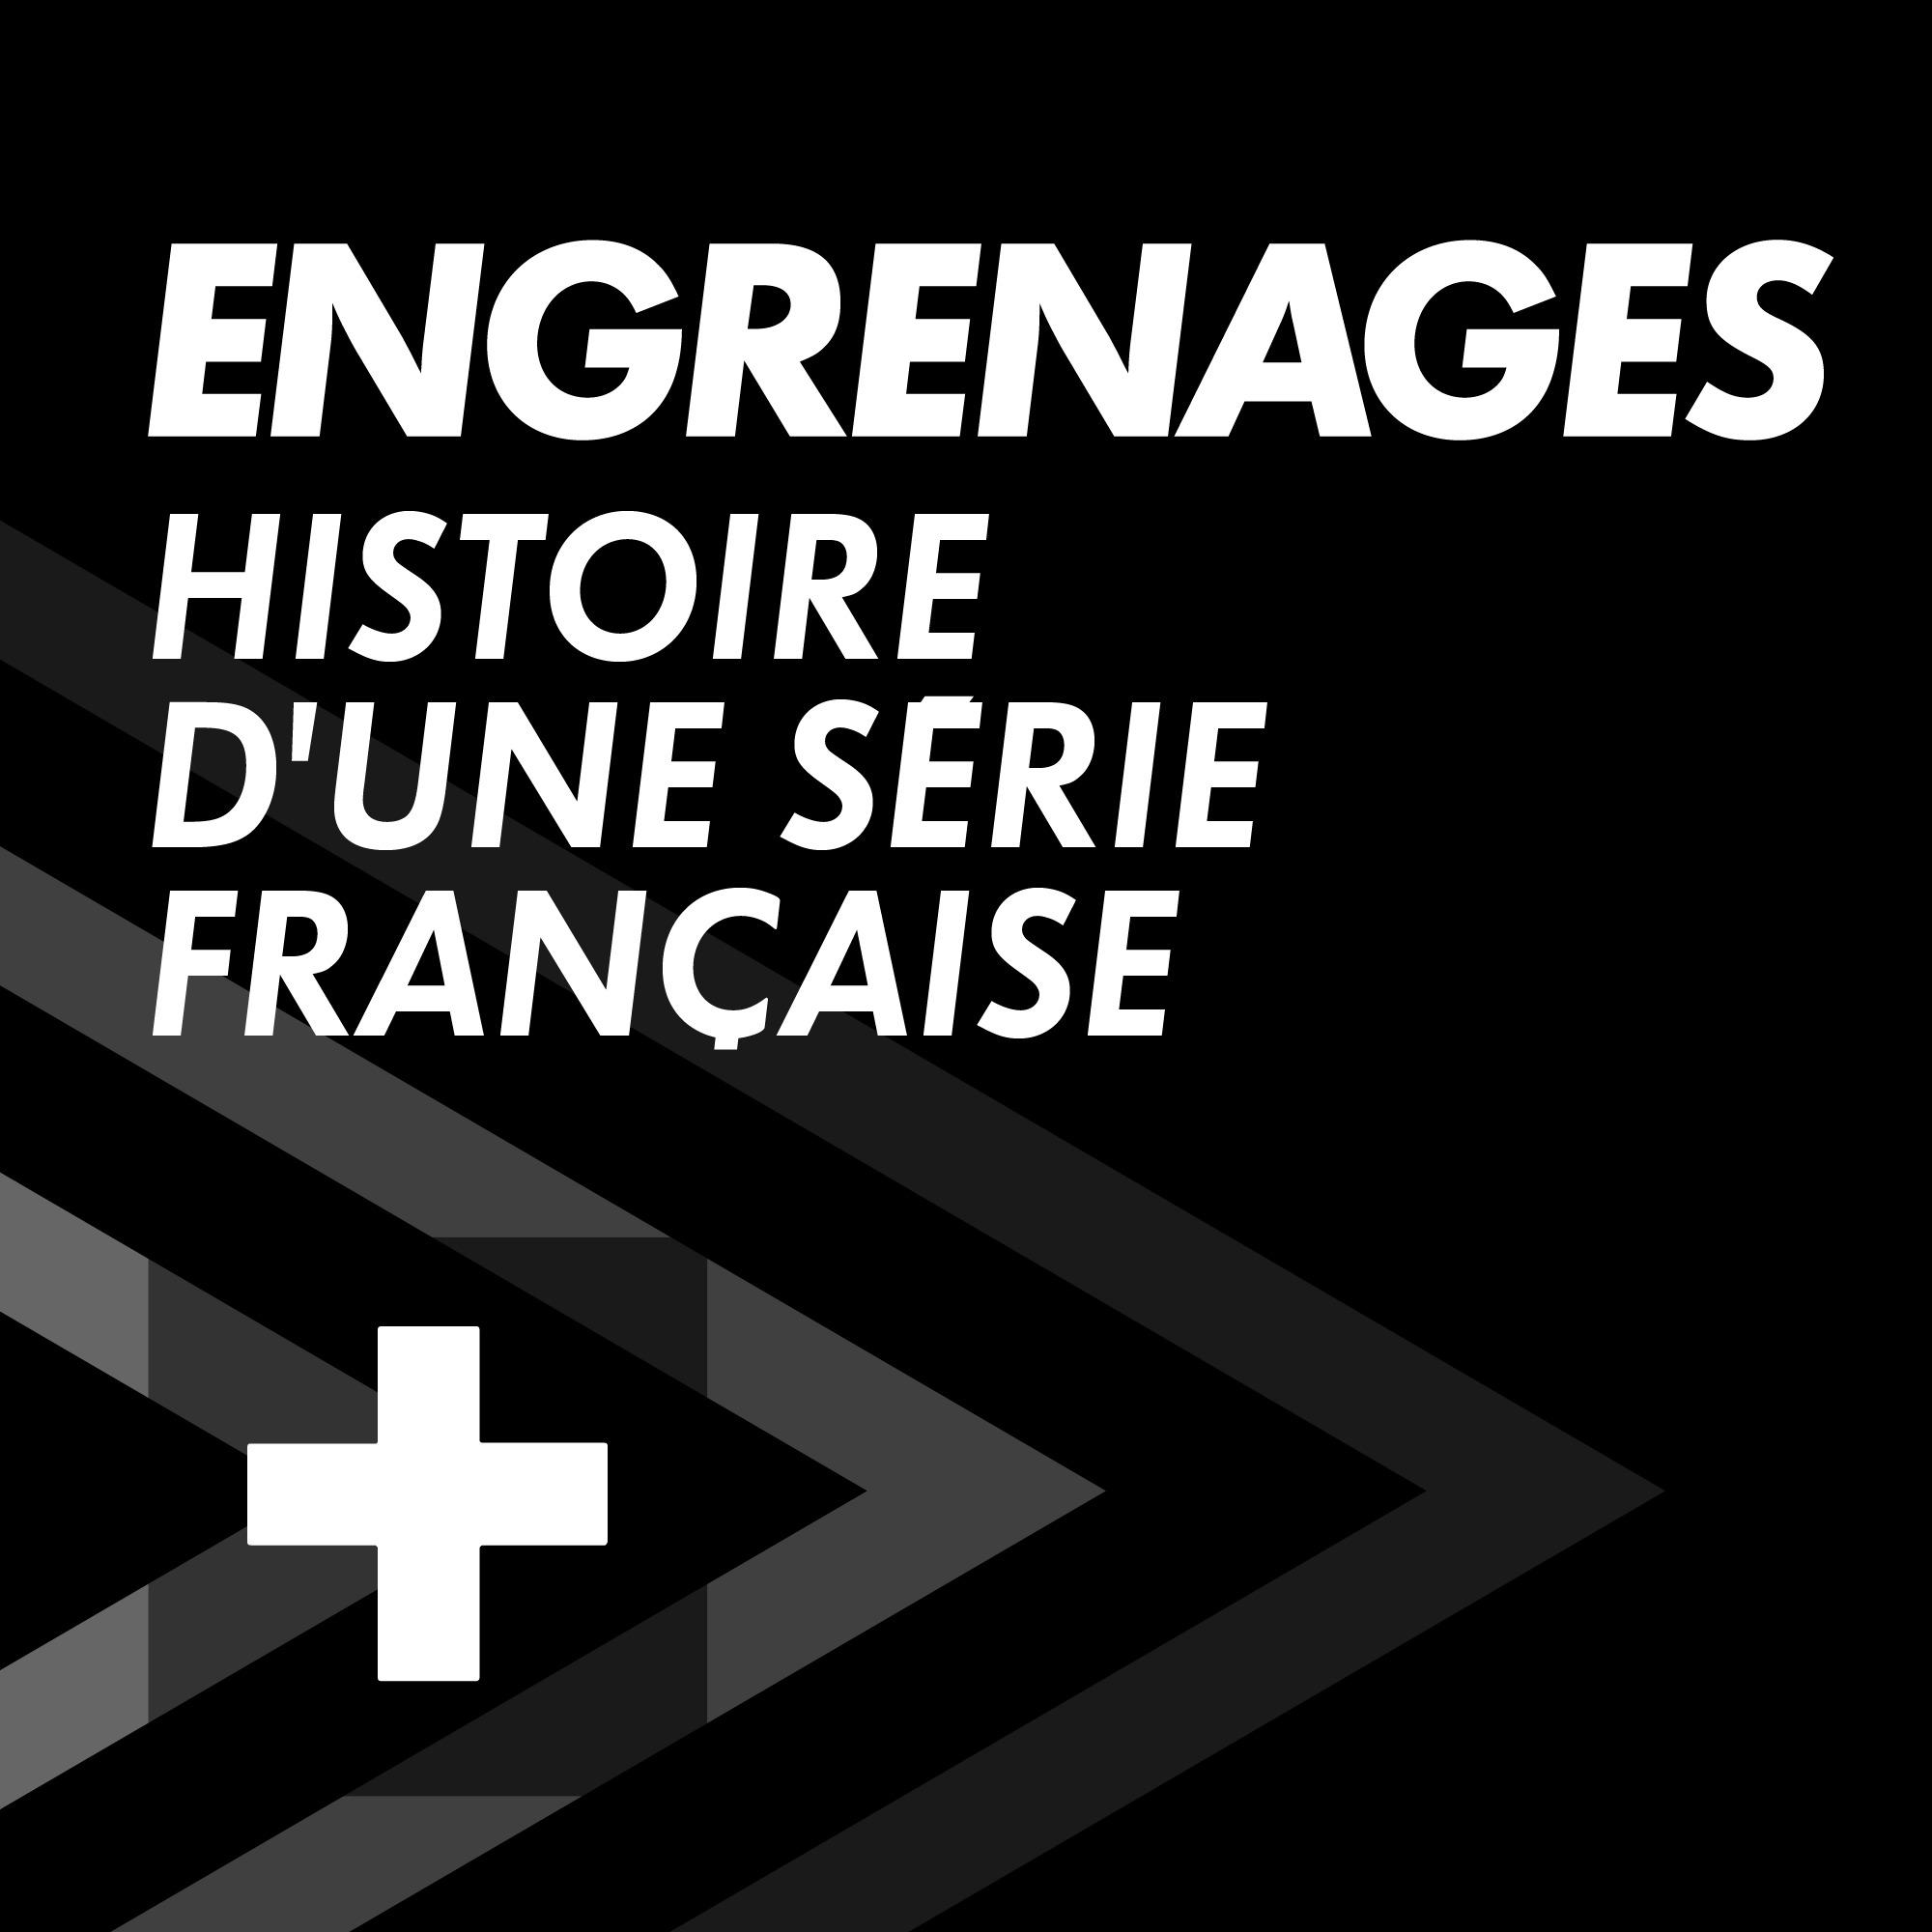 ENGRENAGES : Histoire d'une série française